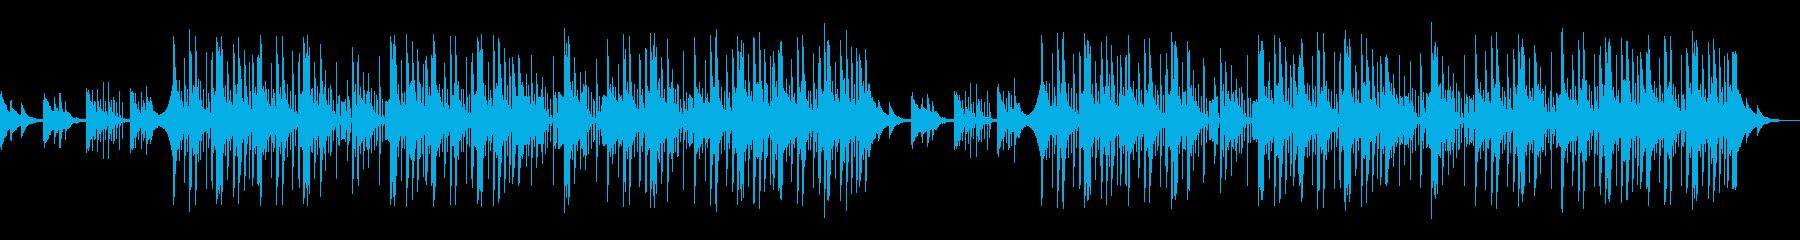 和風 琴 トラップ LoFiヒップホップの再生済みの波形